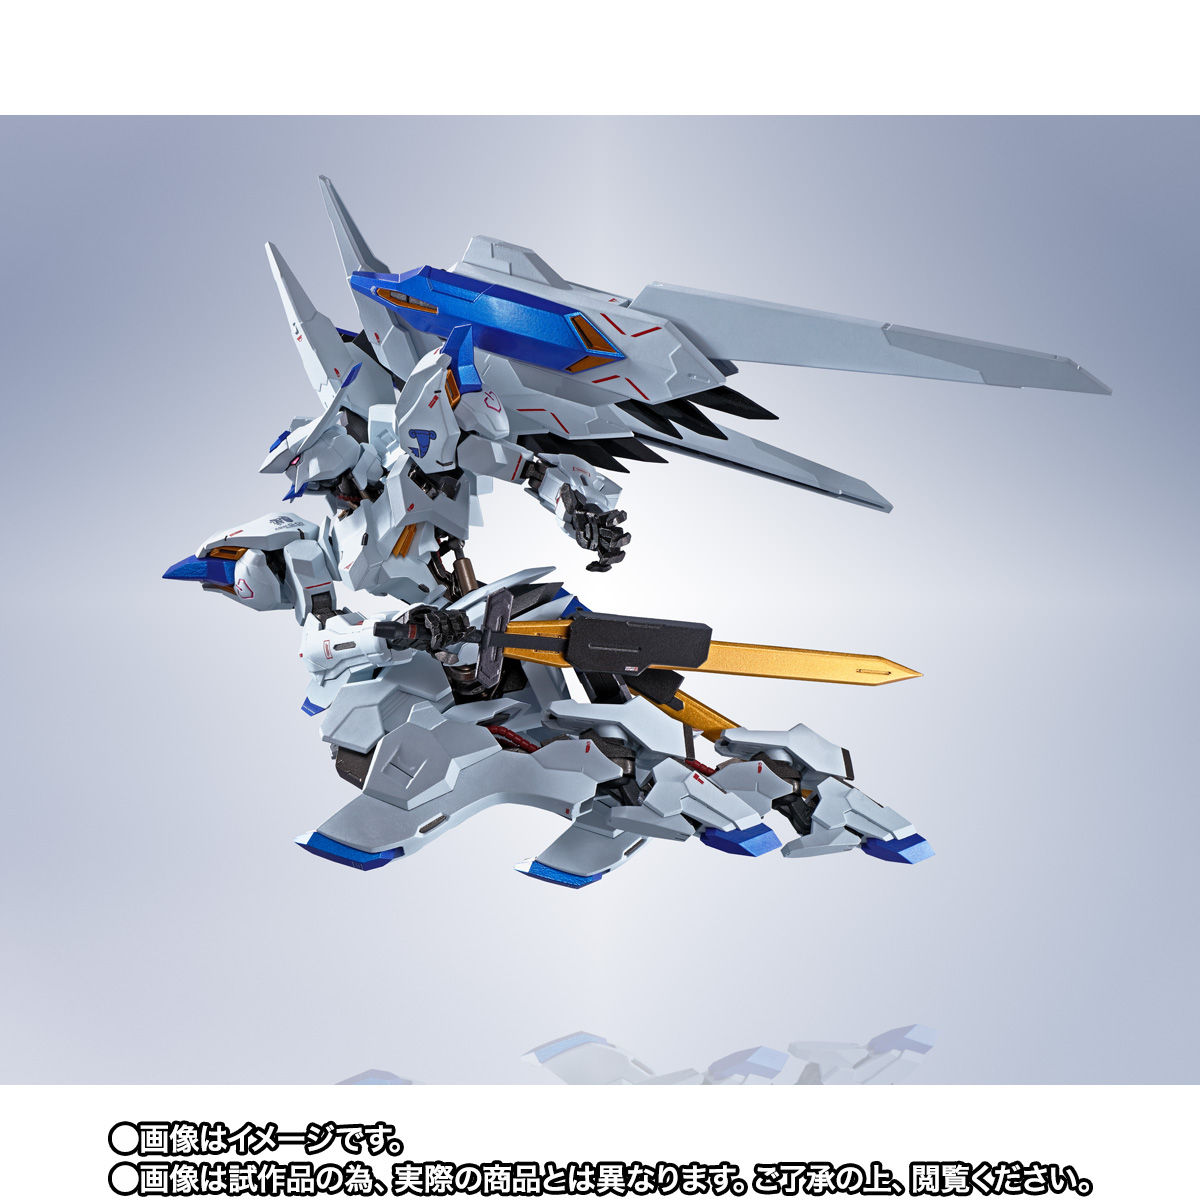 【限定販売】METAL ROBOT魂〈SIDE MS〉『ガンダムバエル』鉄血のオルフェンズ 可動フィギュア-007